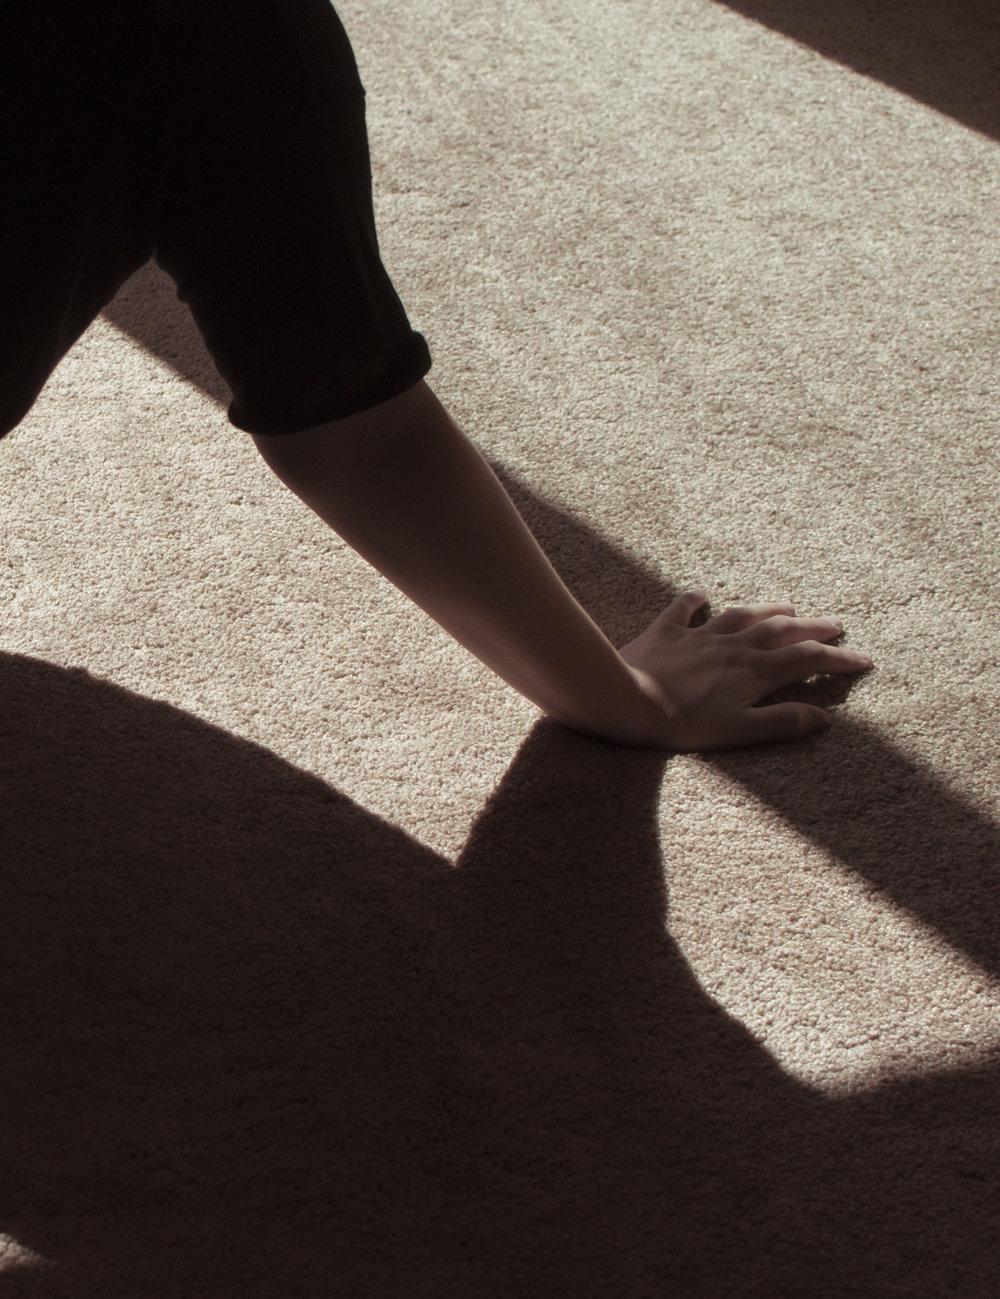 shadow_11crop.jpg